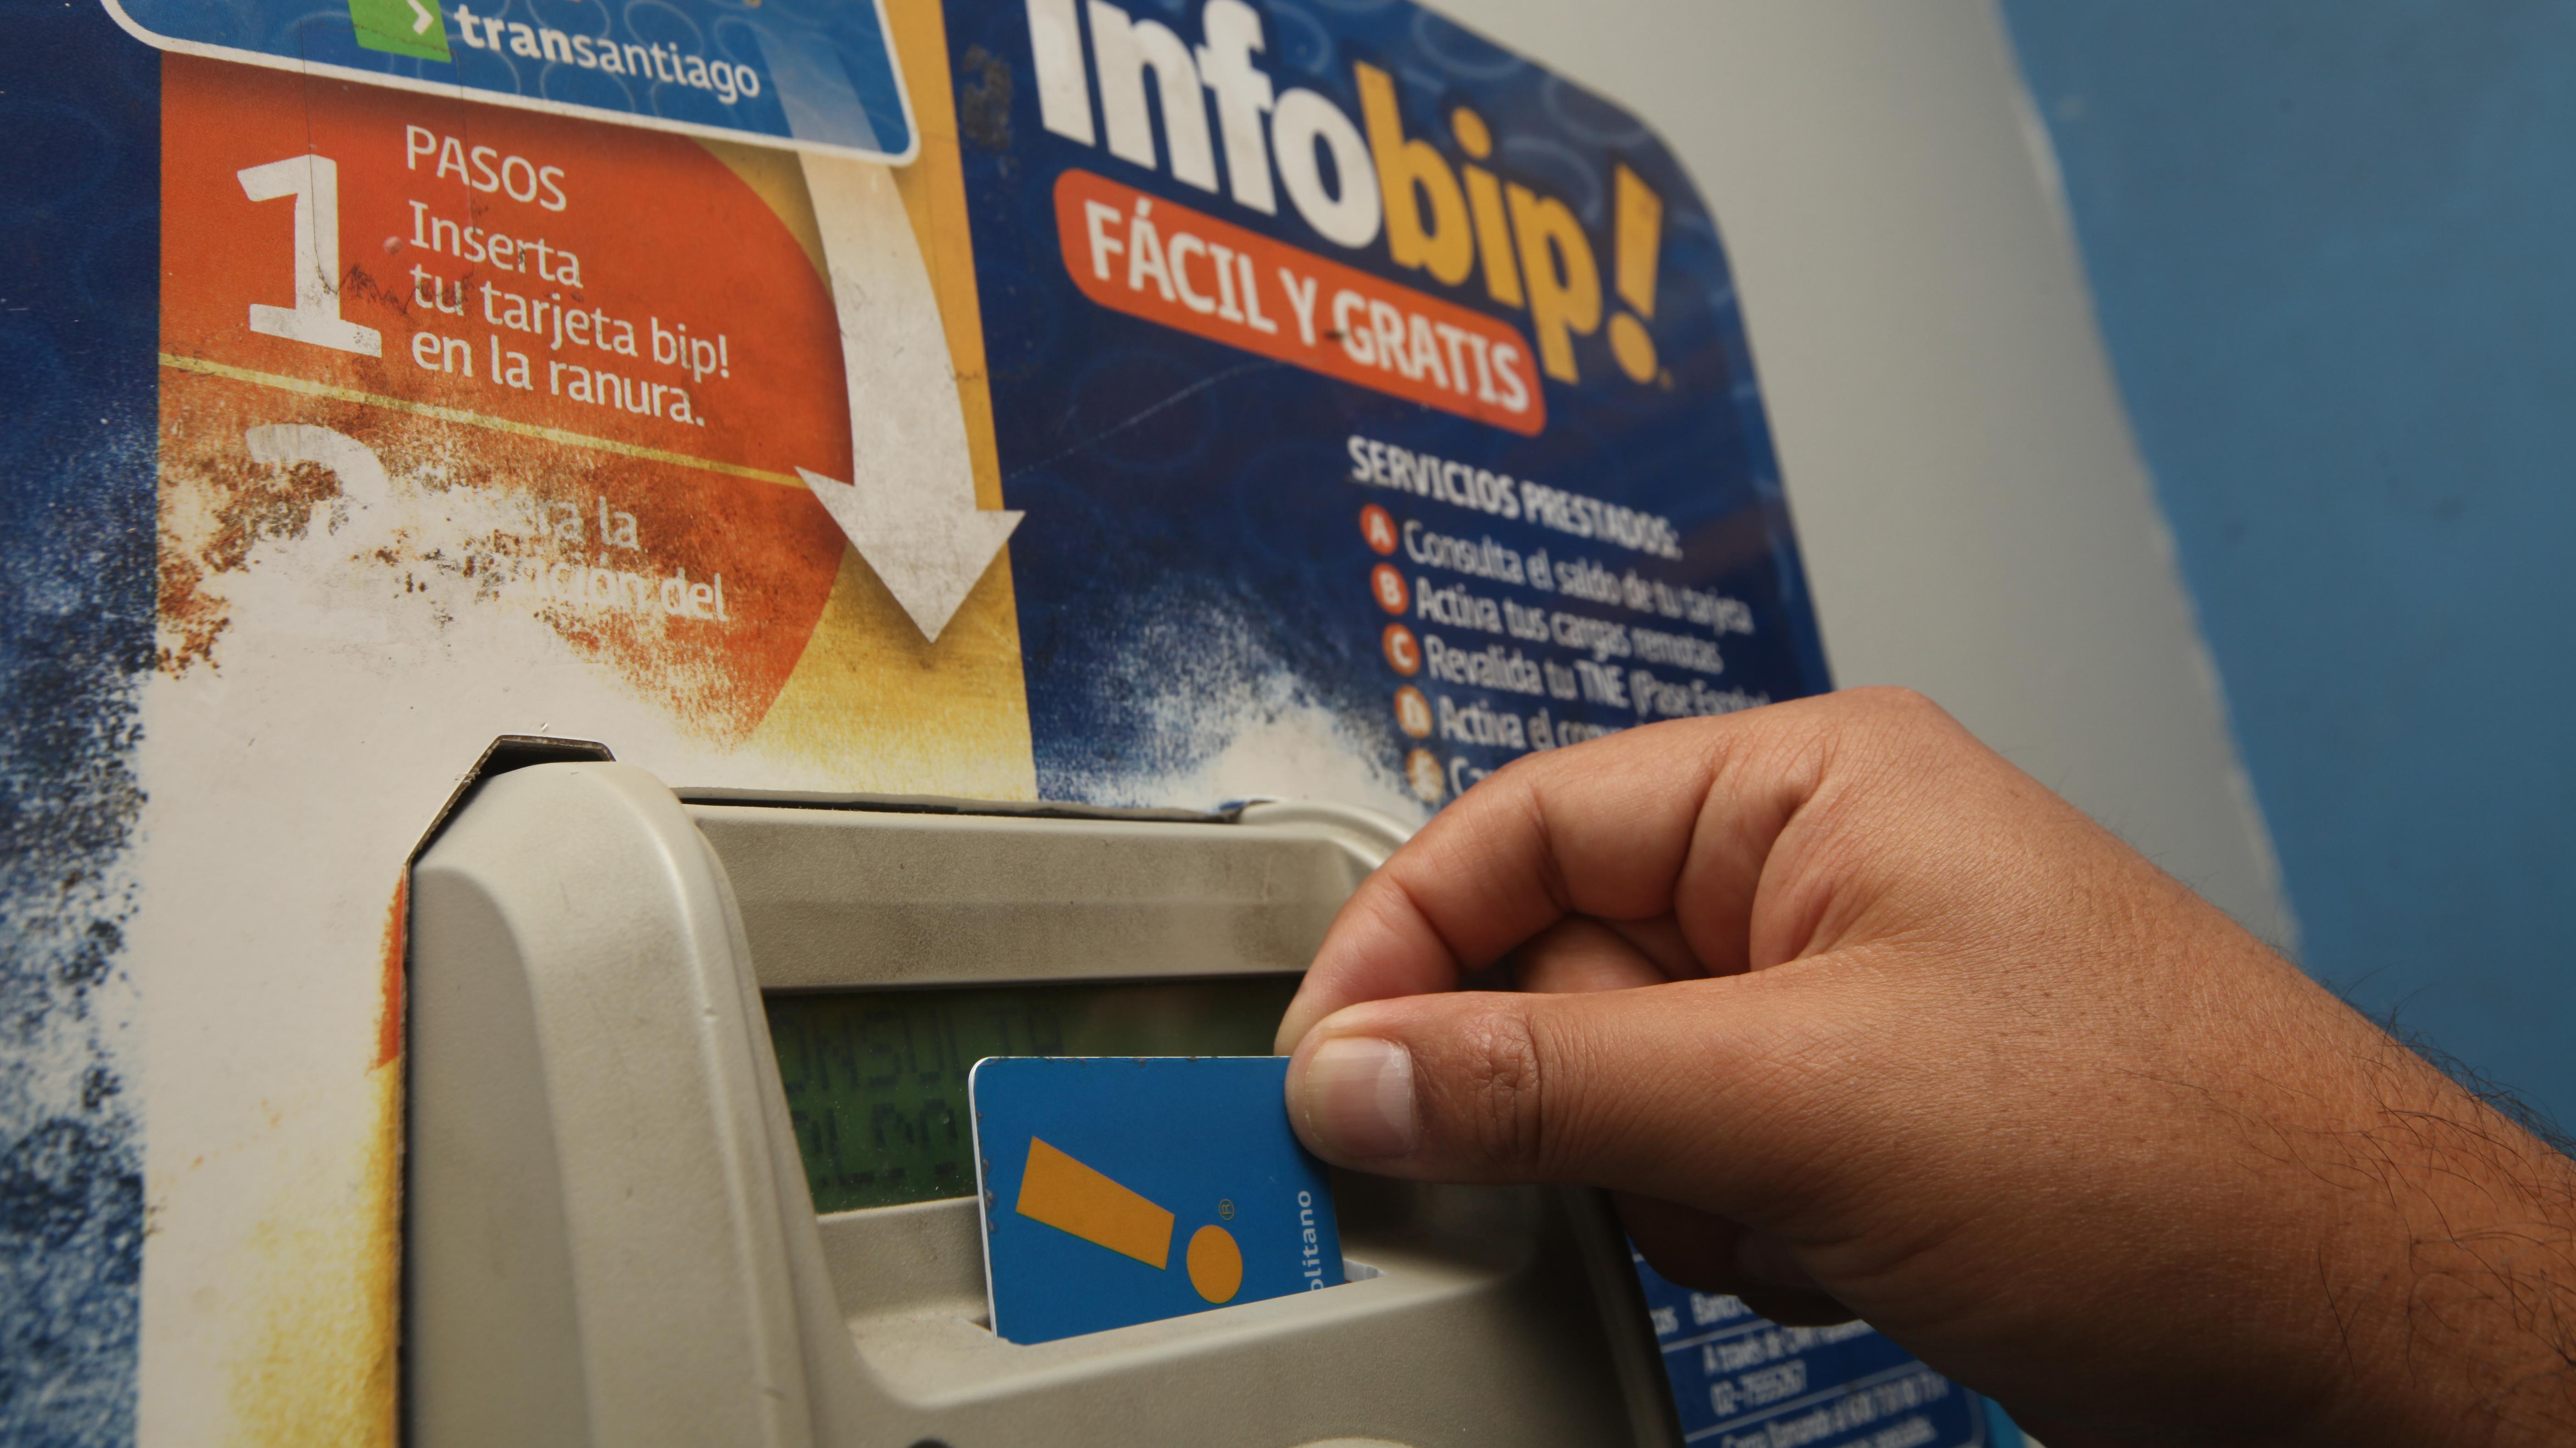 Modernización de Bip!: Se podrá pagar con tarjeta de crédito y se podrá validar al interior de los buses